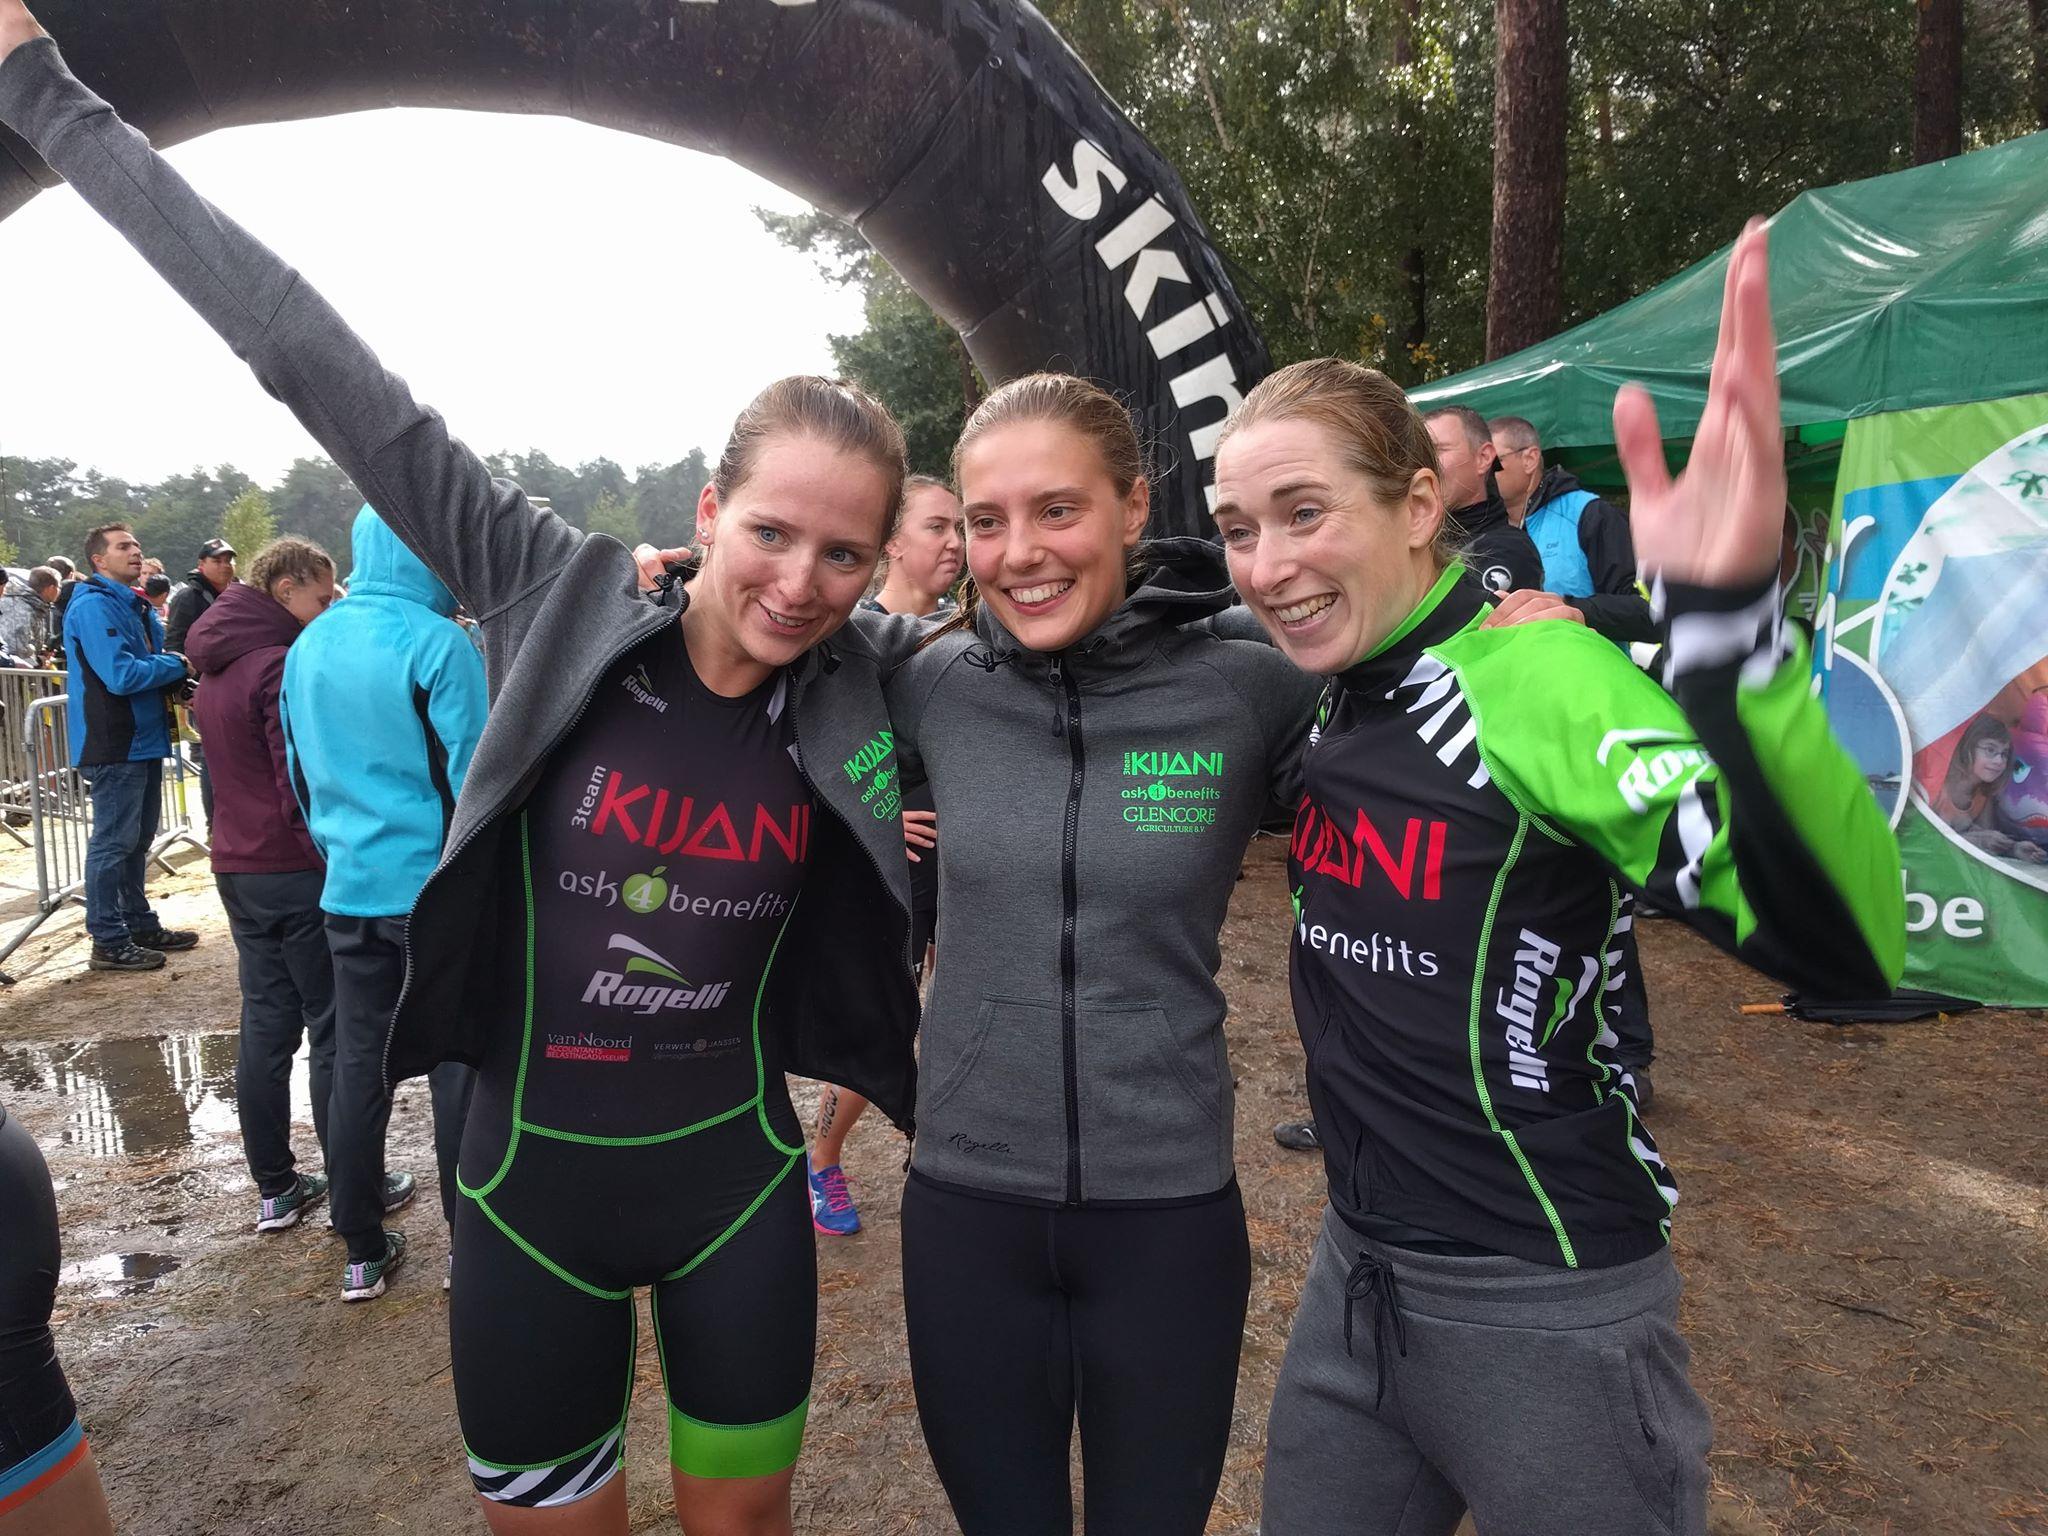 De winnende Kijani dames in Lille (foto: 3athlon.be)